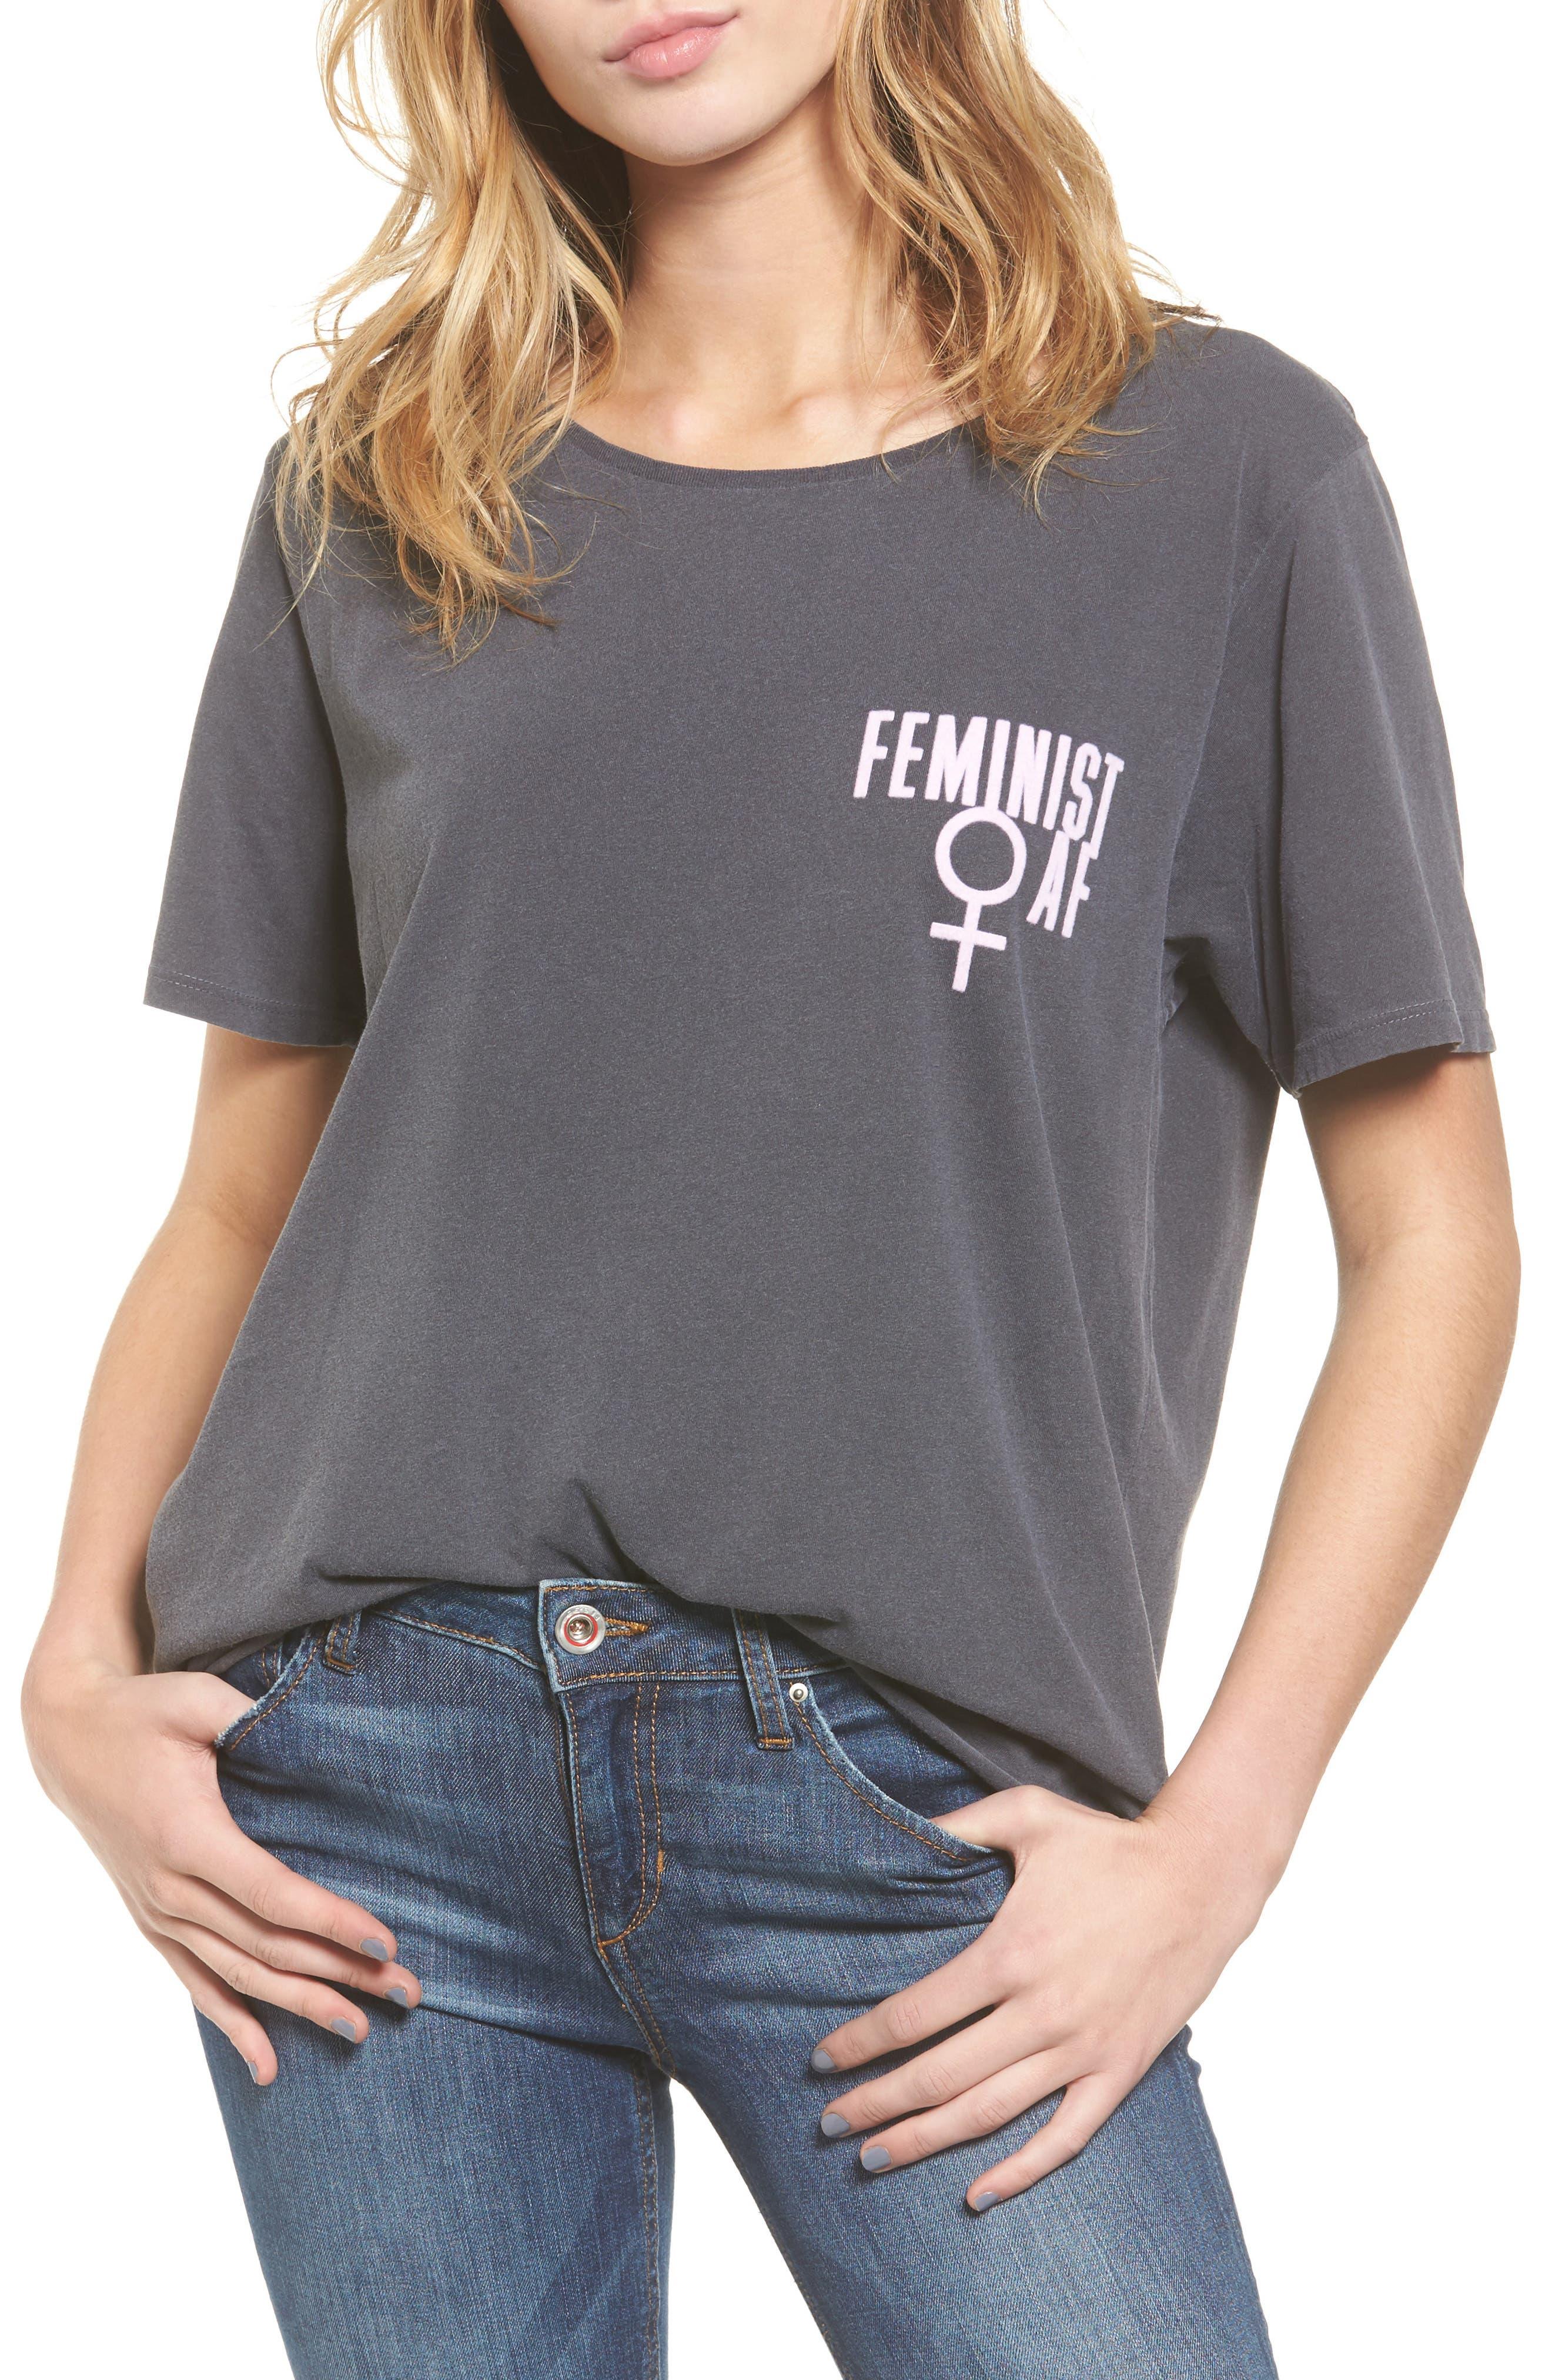 JUNK FOOD Junkfood Feminist Tee